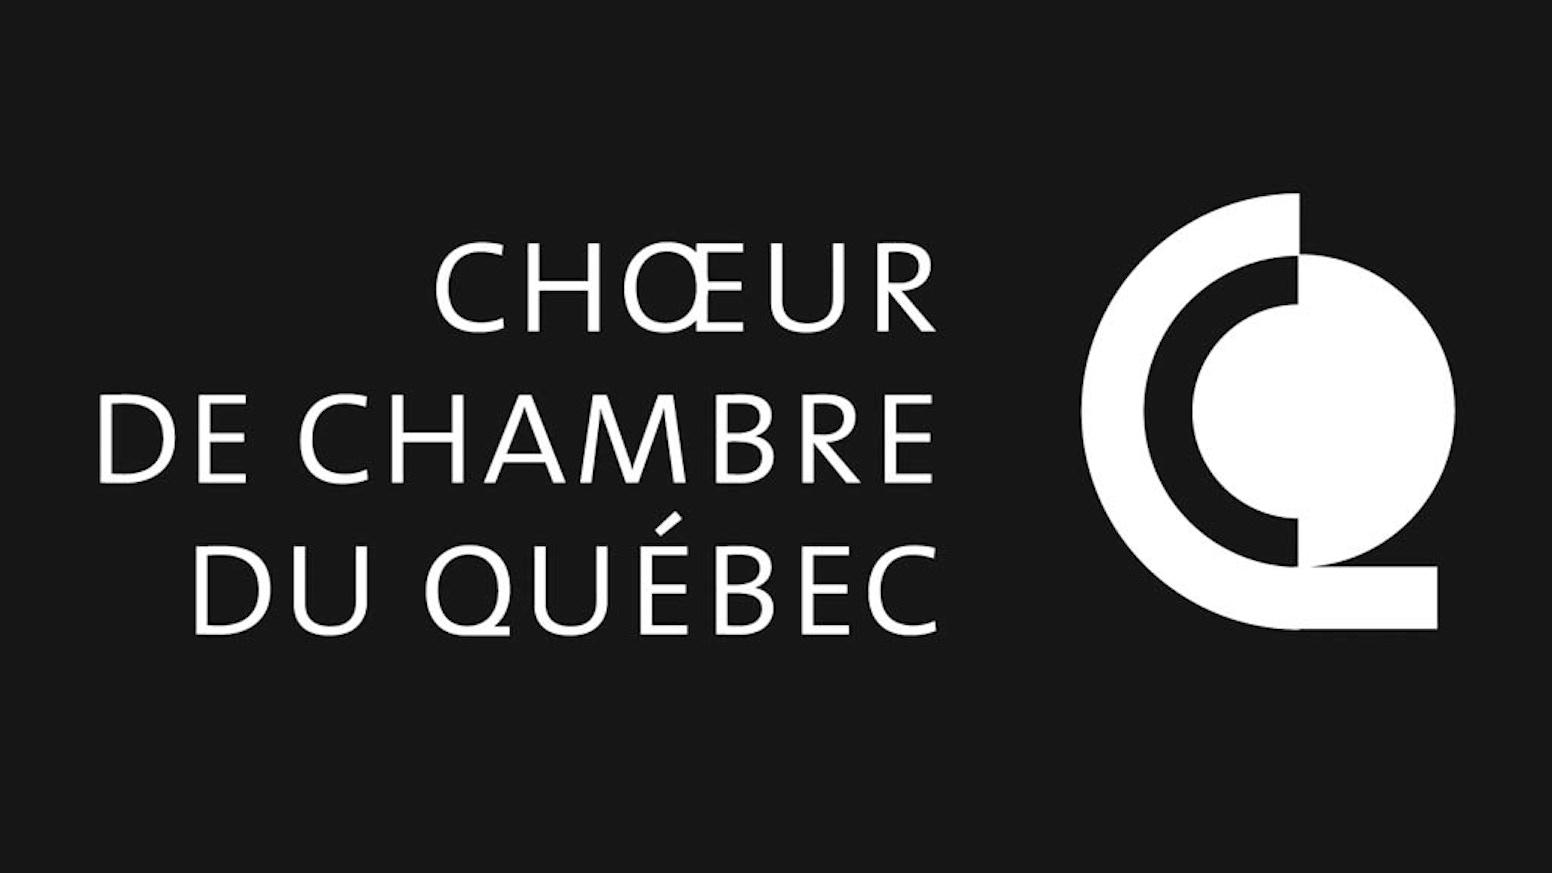 Le Chœur de chambre du Québec invité à chanter à Carnegie Hall! The Chœur de chambre du Québec invited to sing at Carnegie Hall!